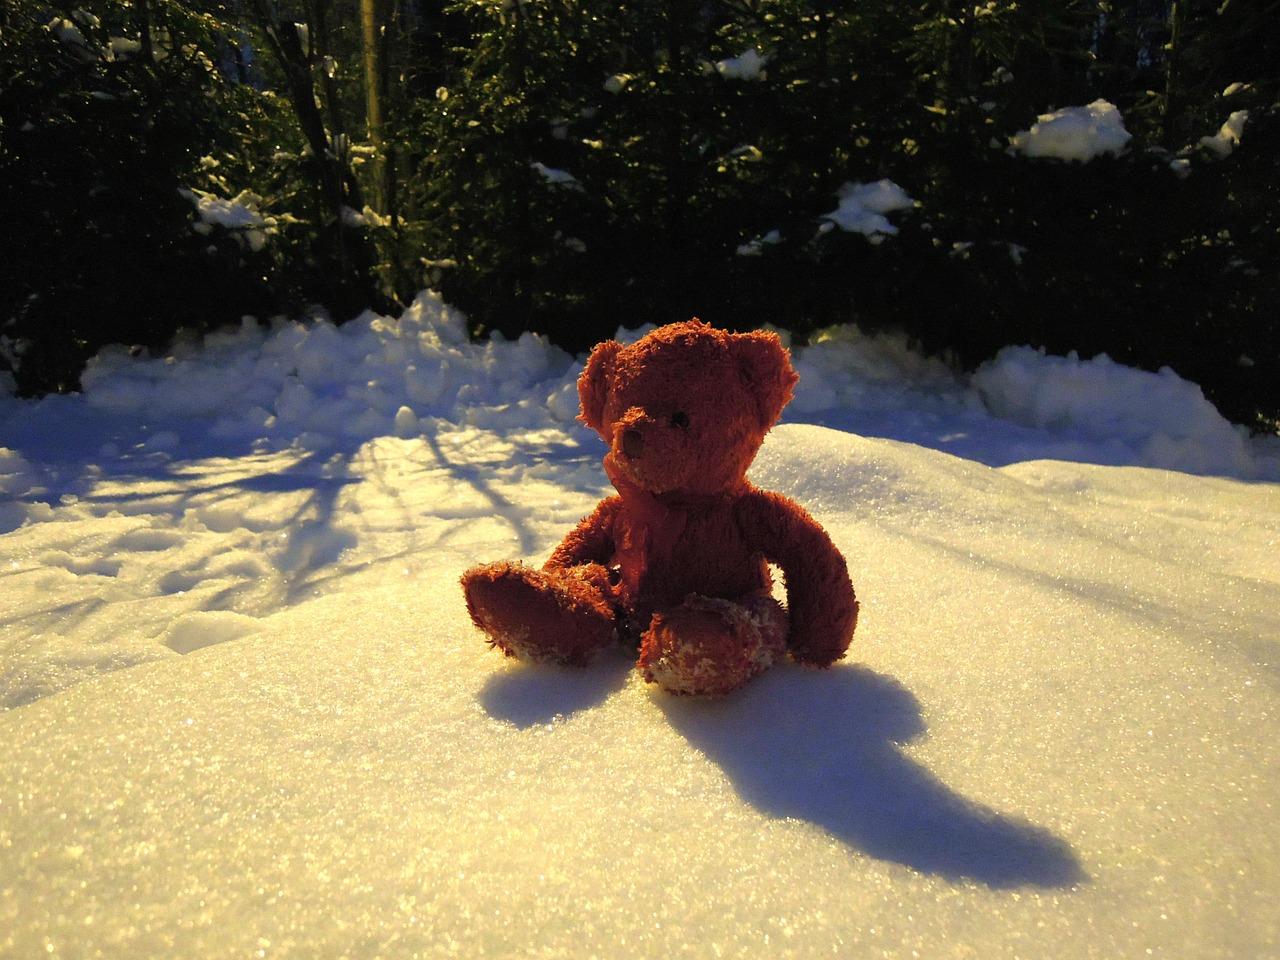 проживает фото мишек в снегу маникюр ромашками